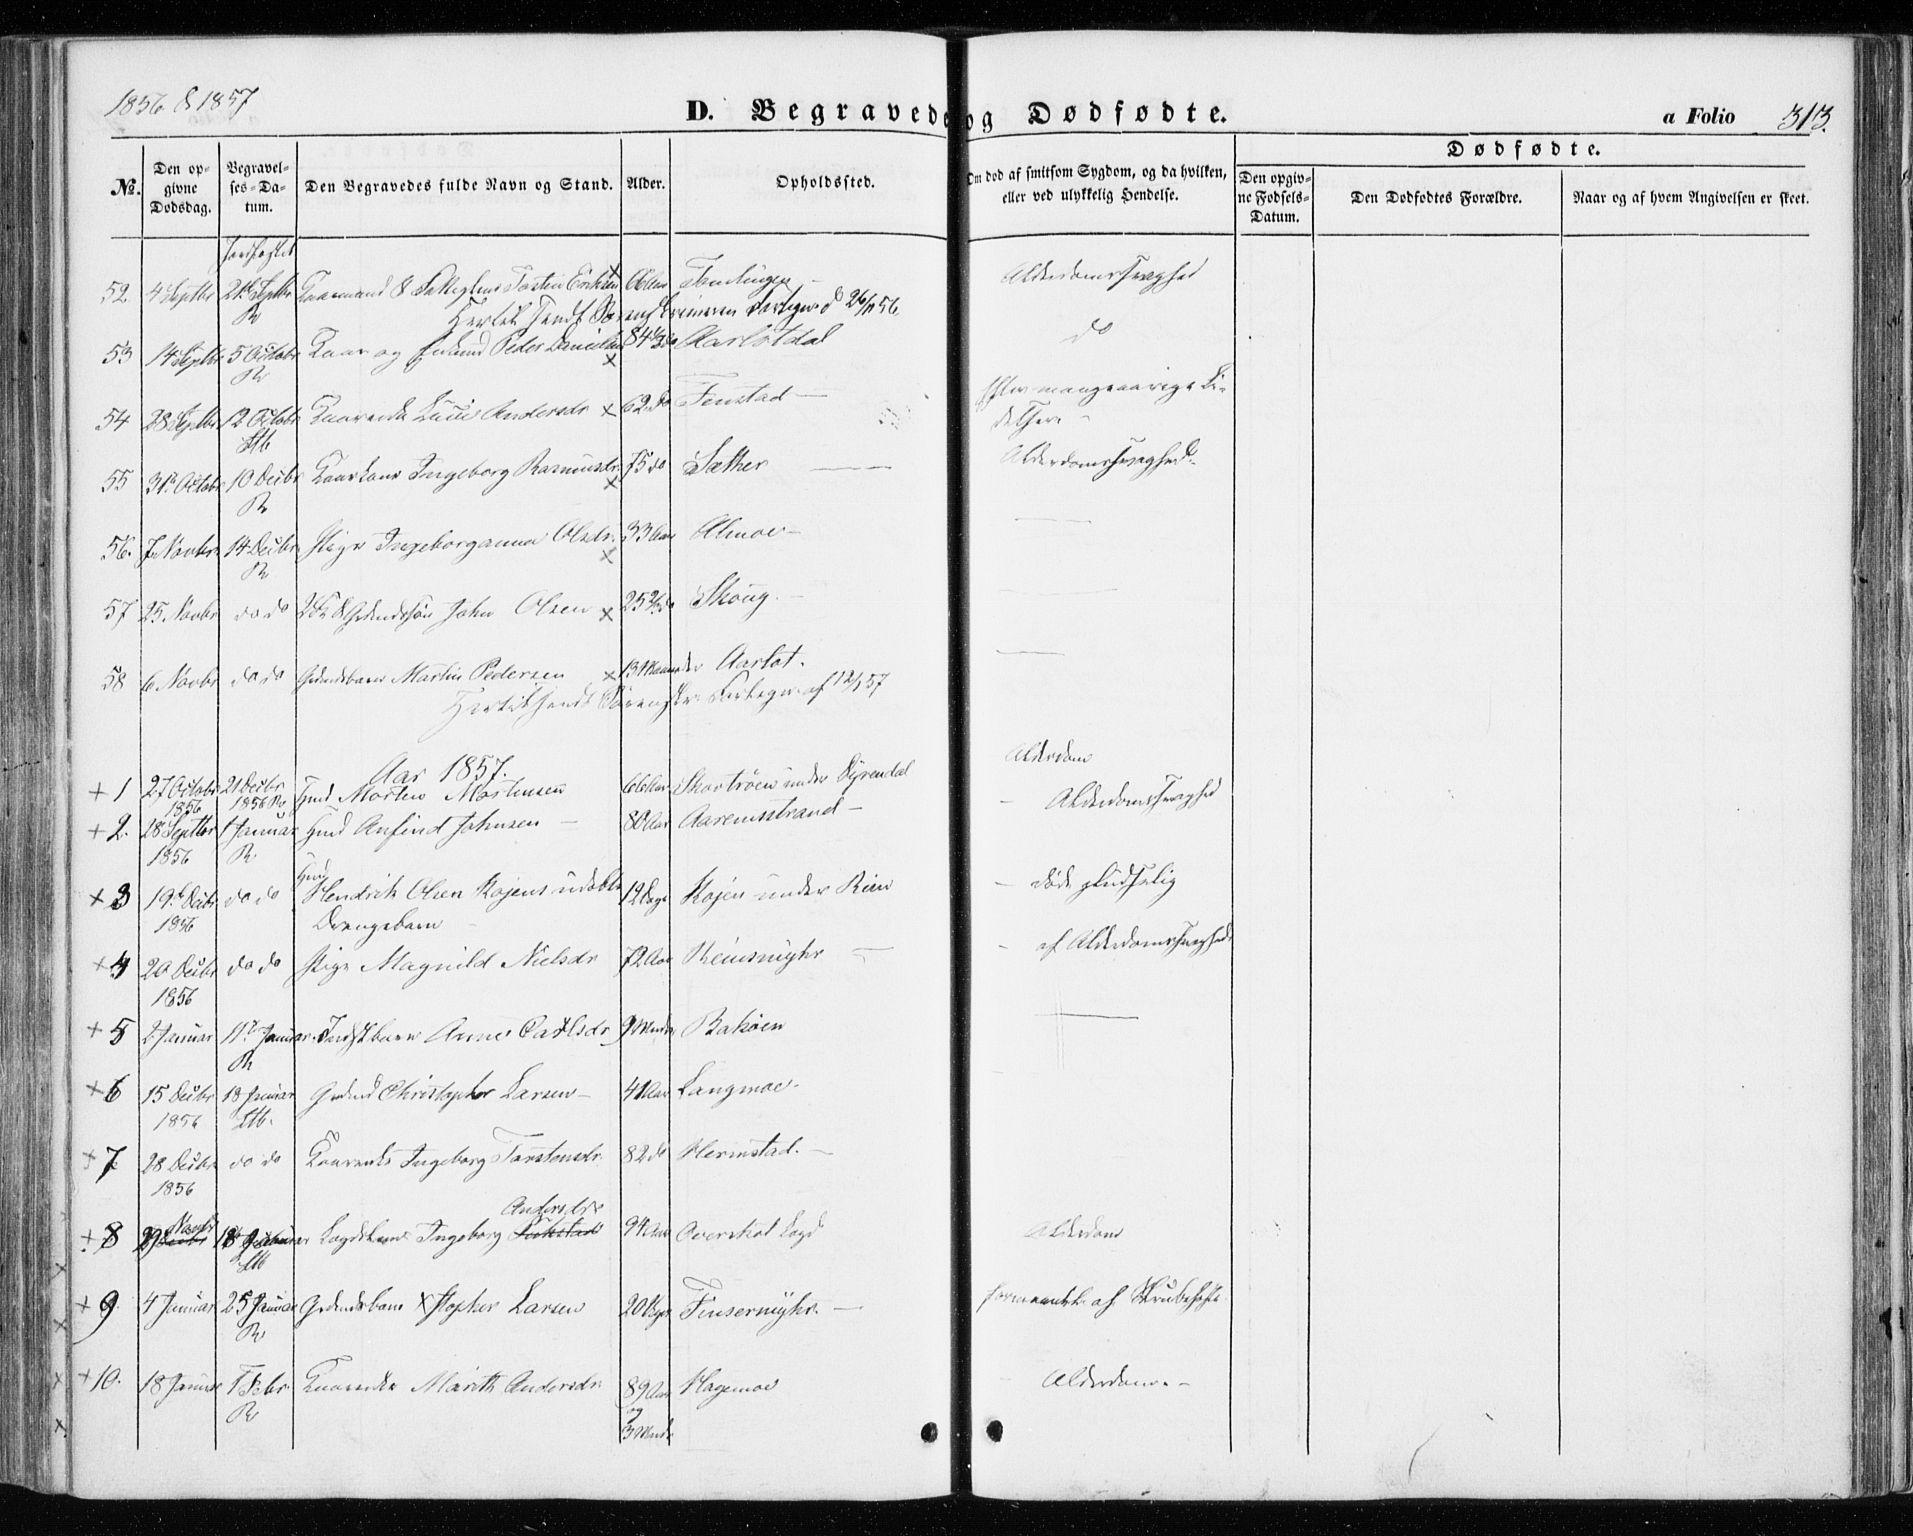 SAT, Ministerialprotokoller, klokkerbøker og fødselsregistre - Sør-Trøndelag, 646/L0611: Ministerialbok nr. 646A09, 1848-1857, s. 313